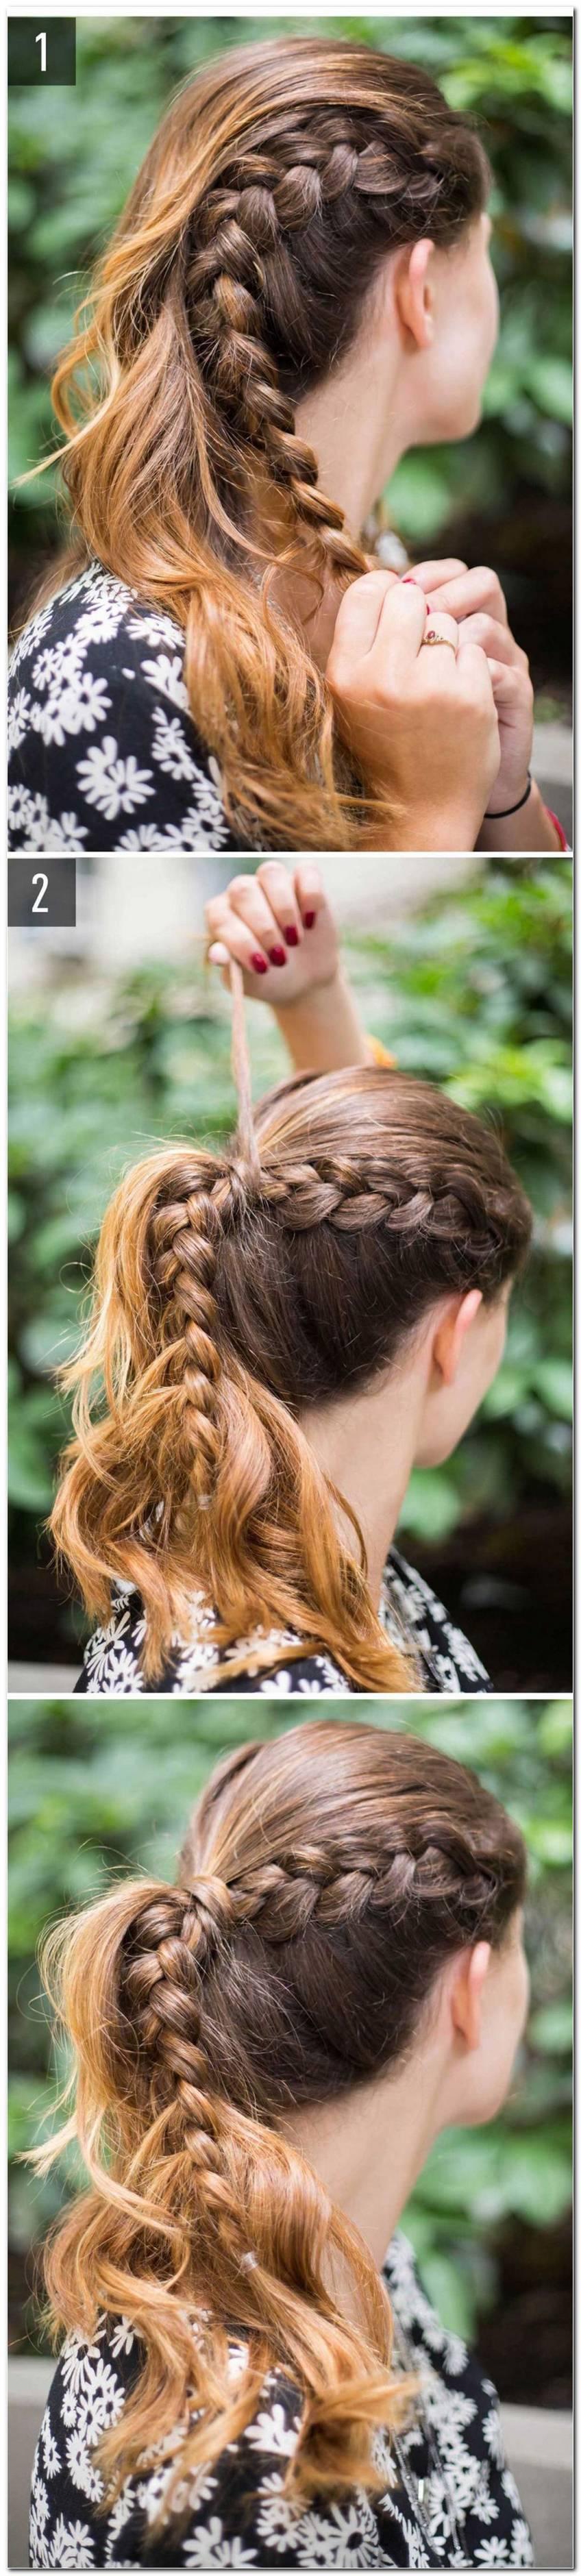 Coole Frisuren FüR Lange Haare MäDchen